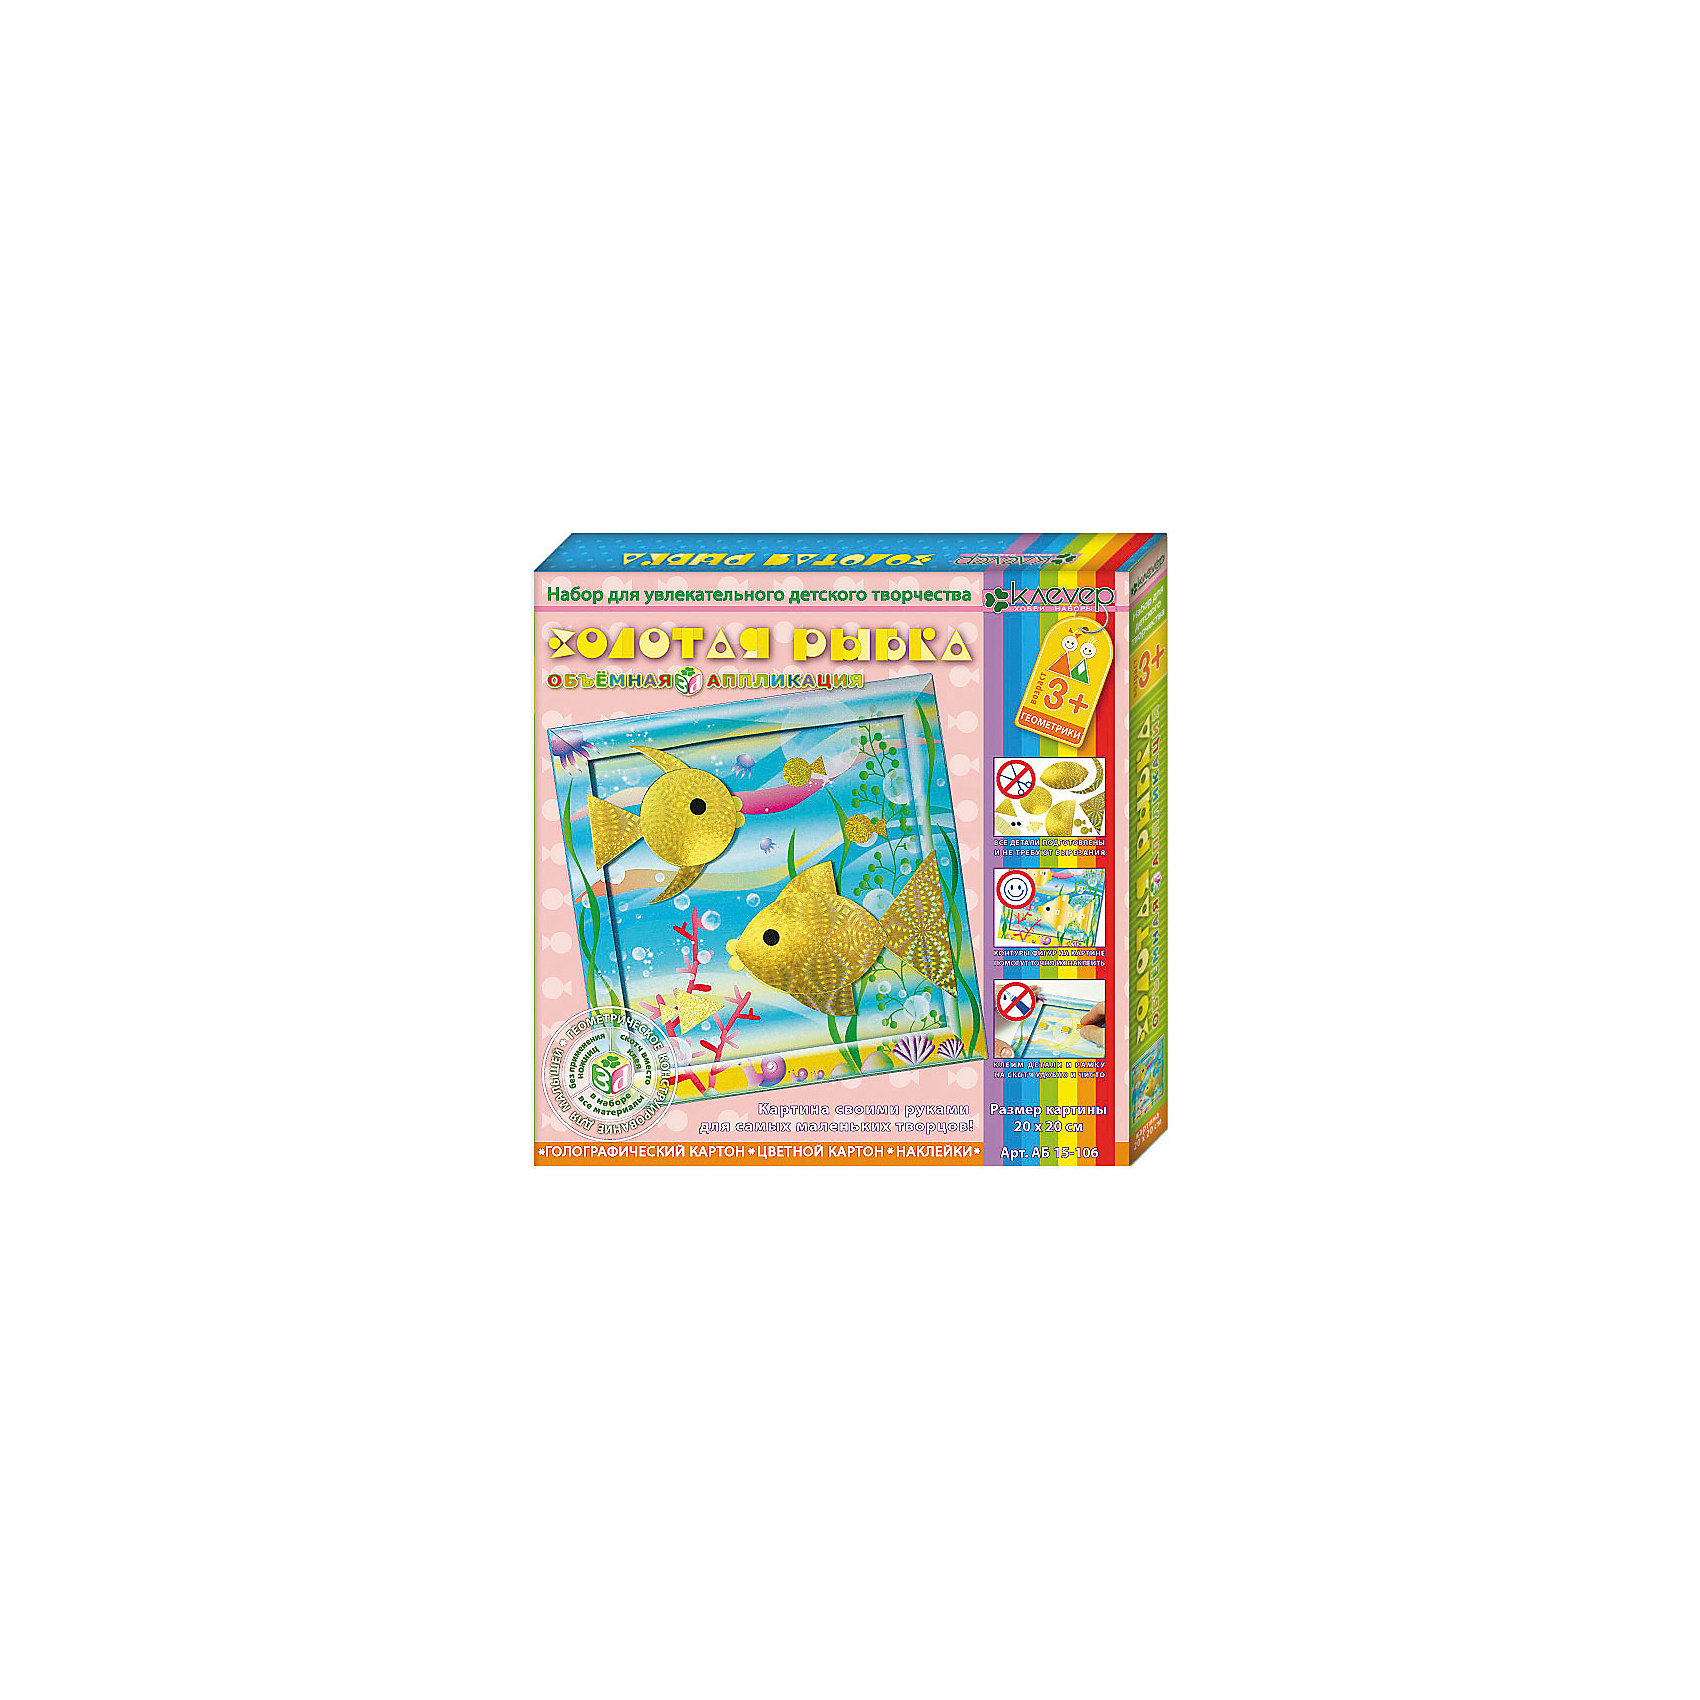 Набор для творчества Золотая рыбкаБумага<br>Характеристики:<br><br>• Коллекция: геометрическая аппликация<br>• Уровень сложности: начальный<br>• Материал: картон, скотч<br>• Комплектация: набор цветного картона с голографическим эффектом, рамка с подставкой, скотч, самоклеящаяся пленка, инструкция<br>• Не требуется использование ножниц<br>• Форма картины: 3d<br>• Размеры готовой картины (Ш*В): 20*20 см<br>• Размеры (Д*Ш*В): 21*21*25 см<br>• Вес: 54 г <br>• Упаковка: картонная коробка<br><br>Уникальность данных наборов заключается в том, что они состоят из материалов разных фактур. Благодаря использованию двухстороннего скотча, рабочее место и одежда ребенка не будет испачкана, а поделка будет выглядеть объемной и аккуратной.<br><br>Набор для творчества Золотая рыбка – состоит из всех необходимых материалов для создания объемной аппликации. Для оформления картины в наборе предусмотрена рамка с подставкой <br><br>Набор для творчества Золотая рыбка можно купить в нашем интернет-магазине.<br><br>Ширина мм: 210<br>Глубина мм: 210<br>Высота мм: 250<br>Вес г: 54<br>Возраст от месяцев: 36<br>Возраст до месяцев: 60<br>Пол: Унисекс<br>Возраст: Детский<br>SKU: 5541453